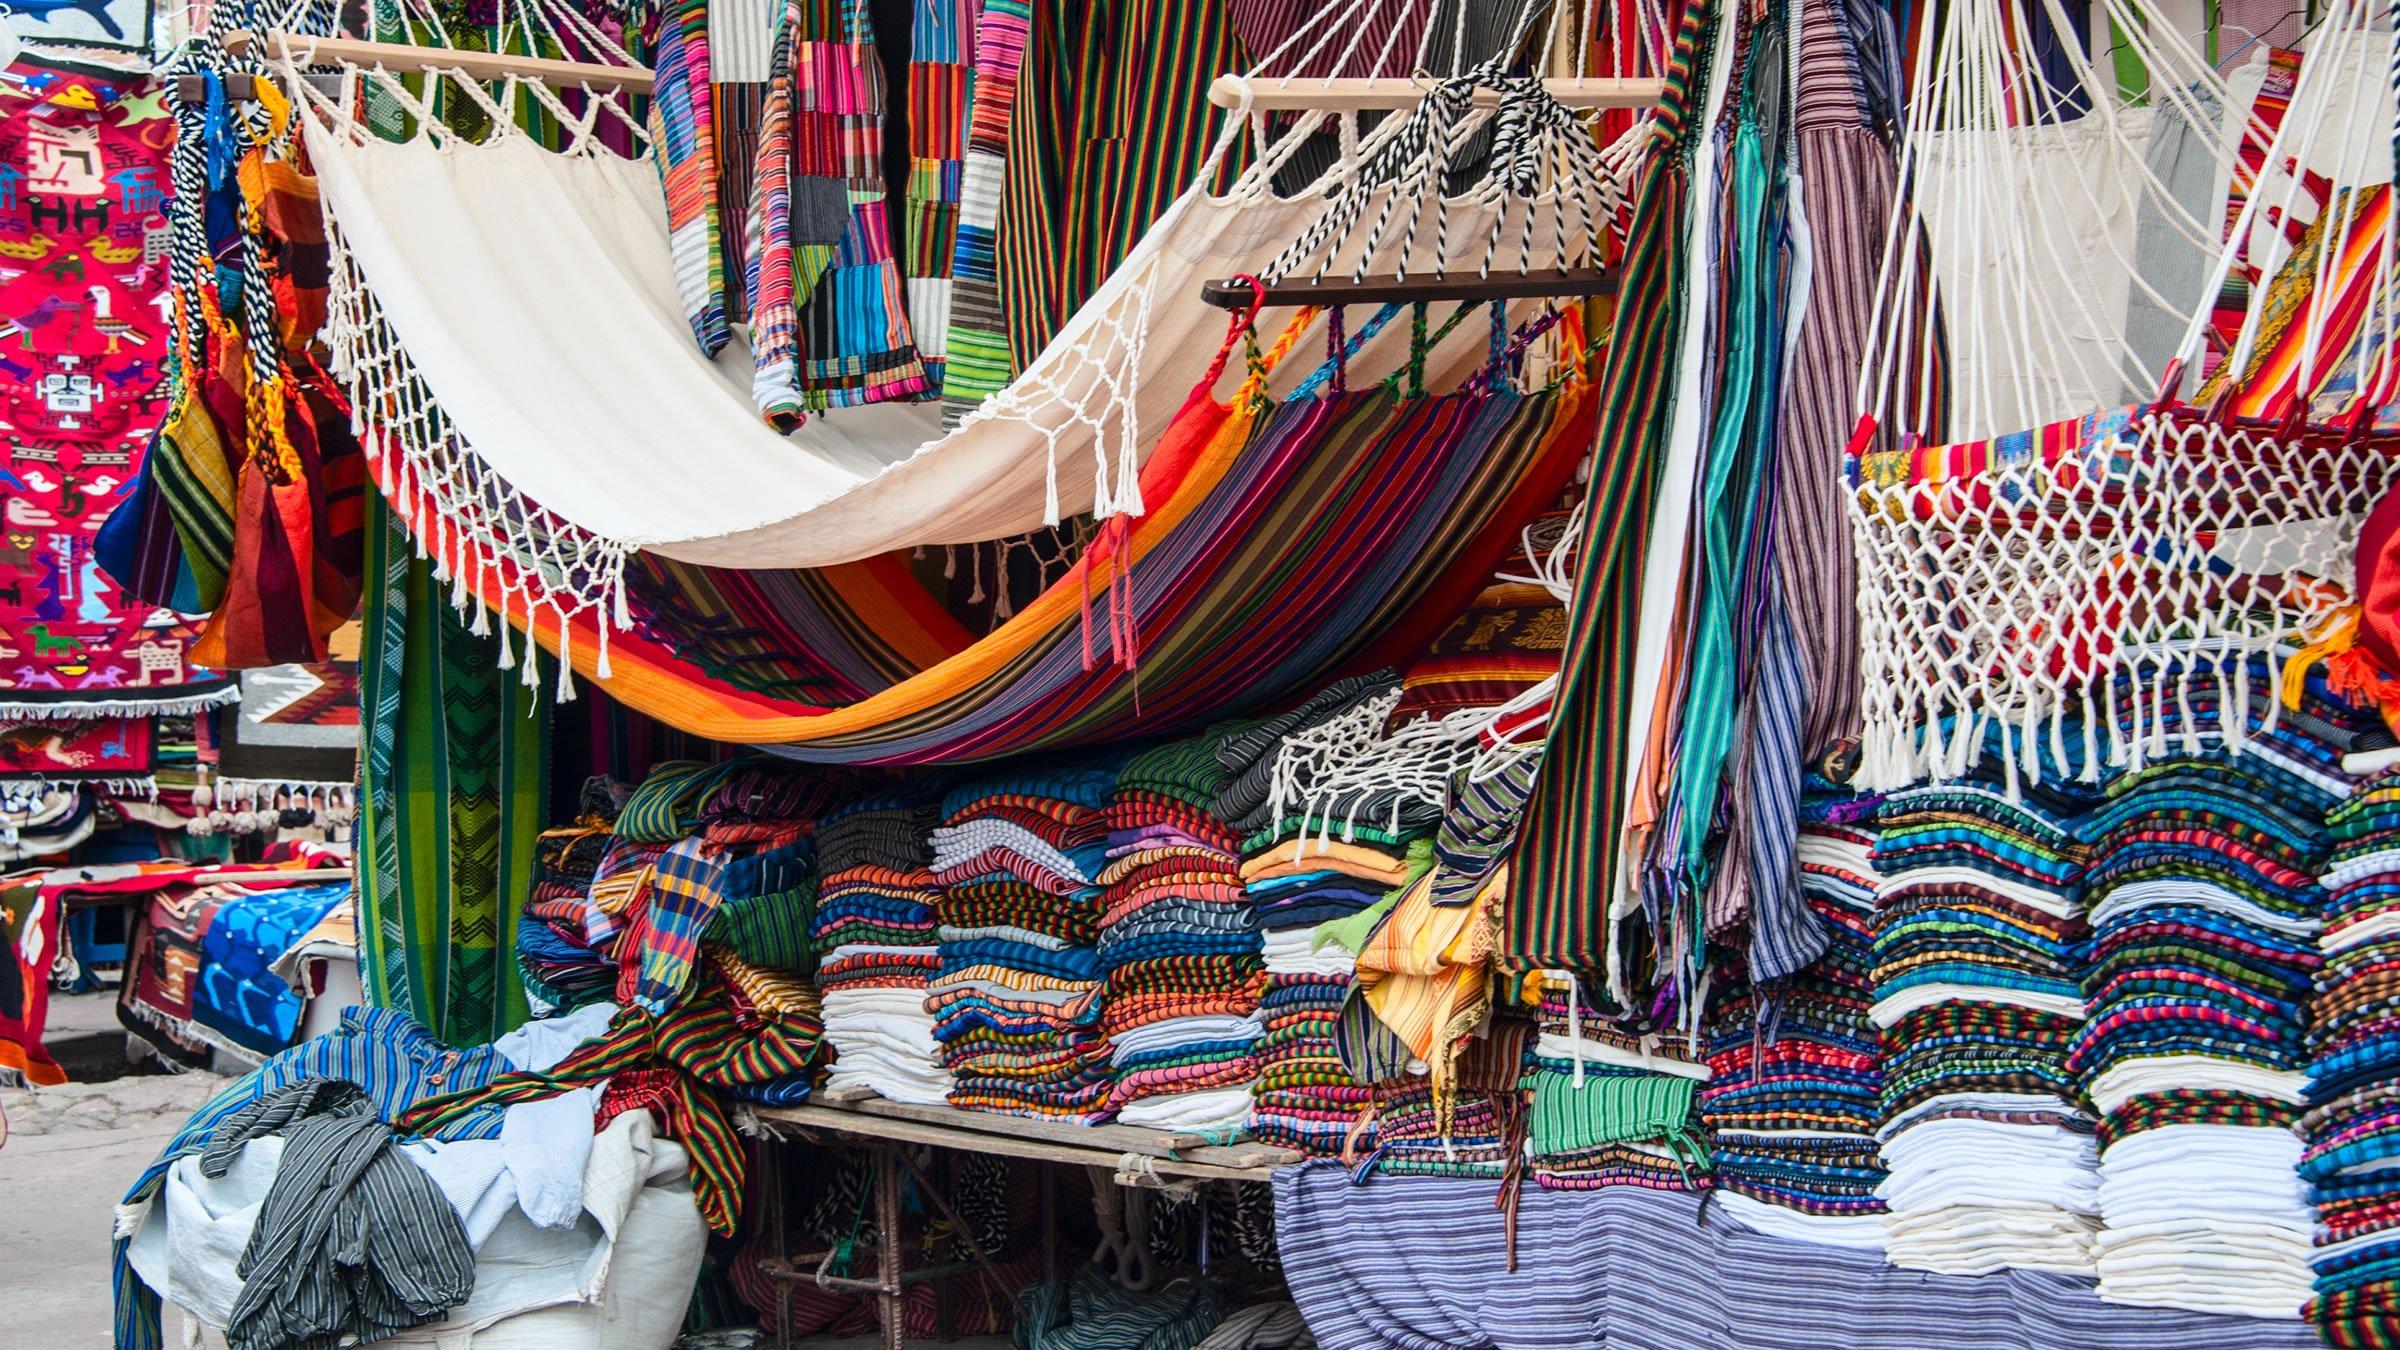 Mercados tradicionales de Ecuador